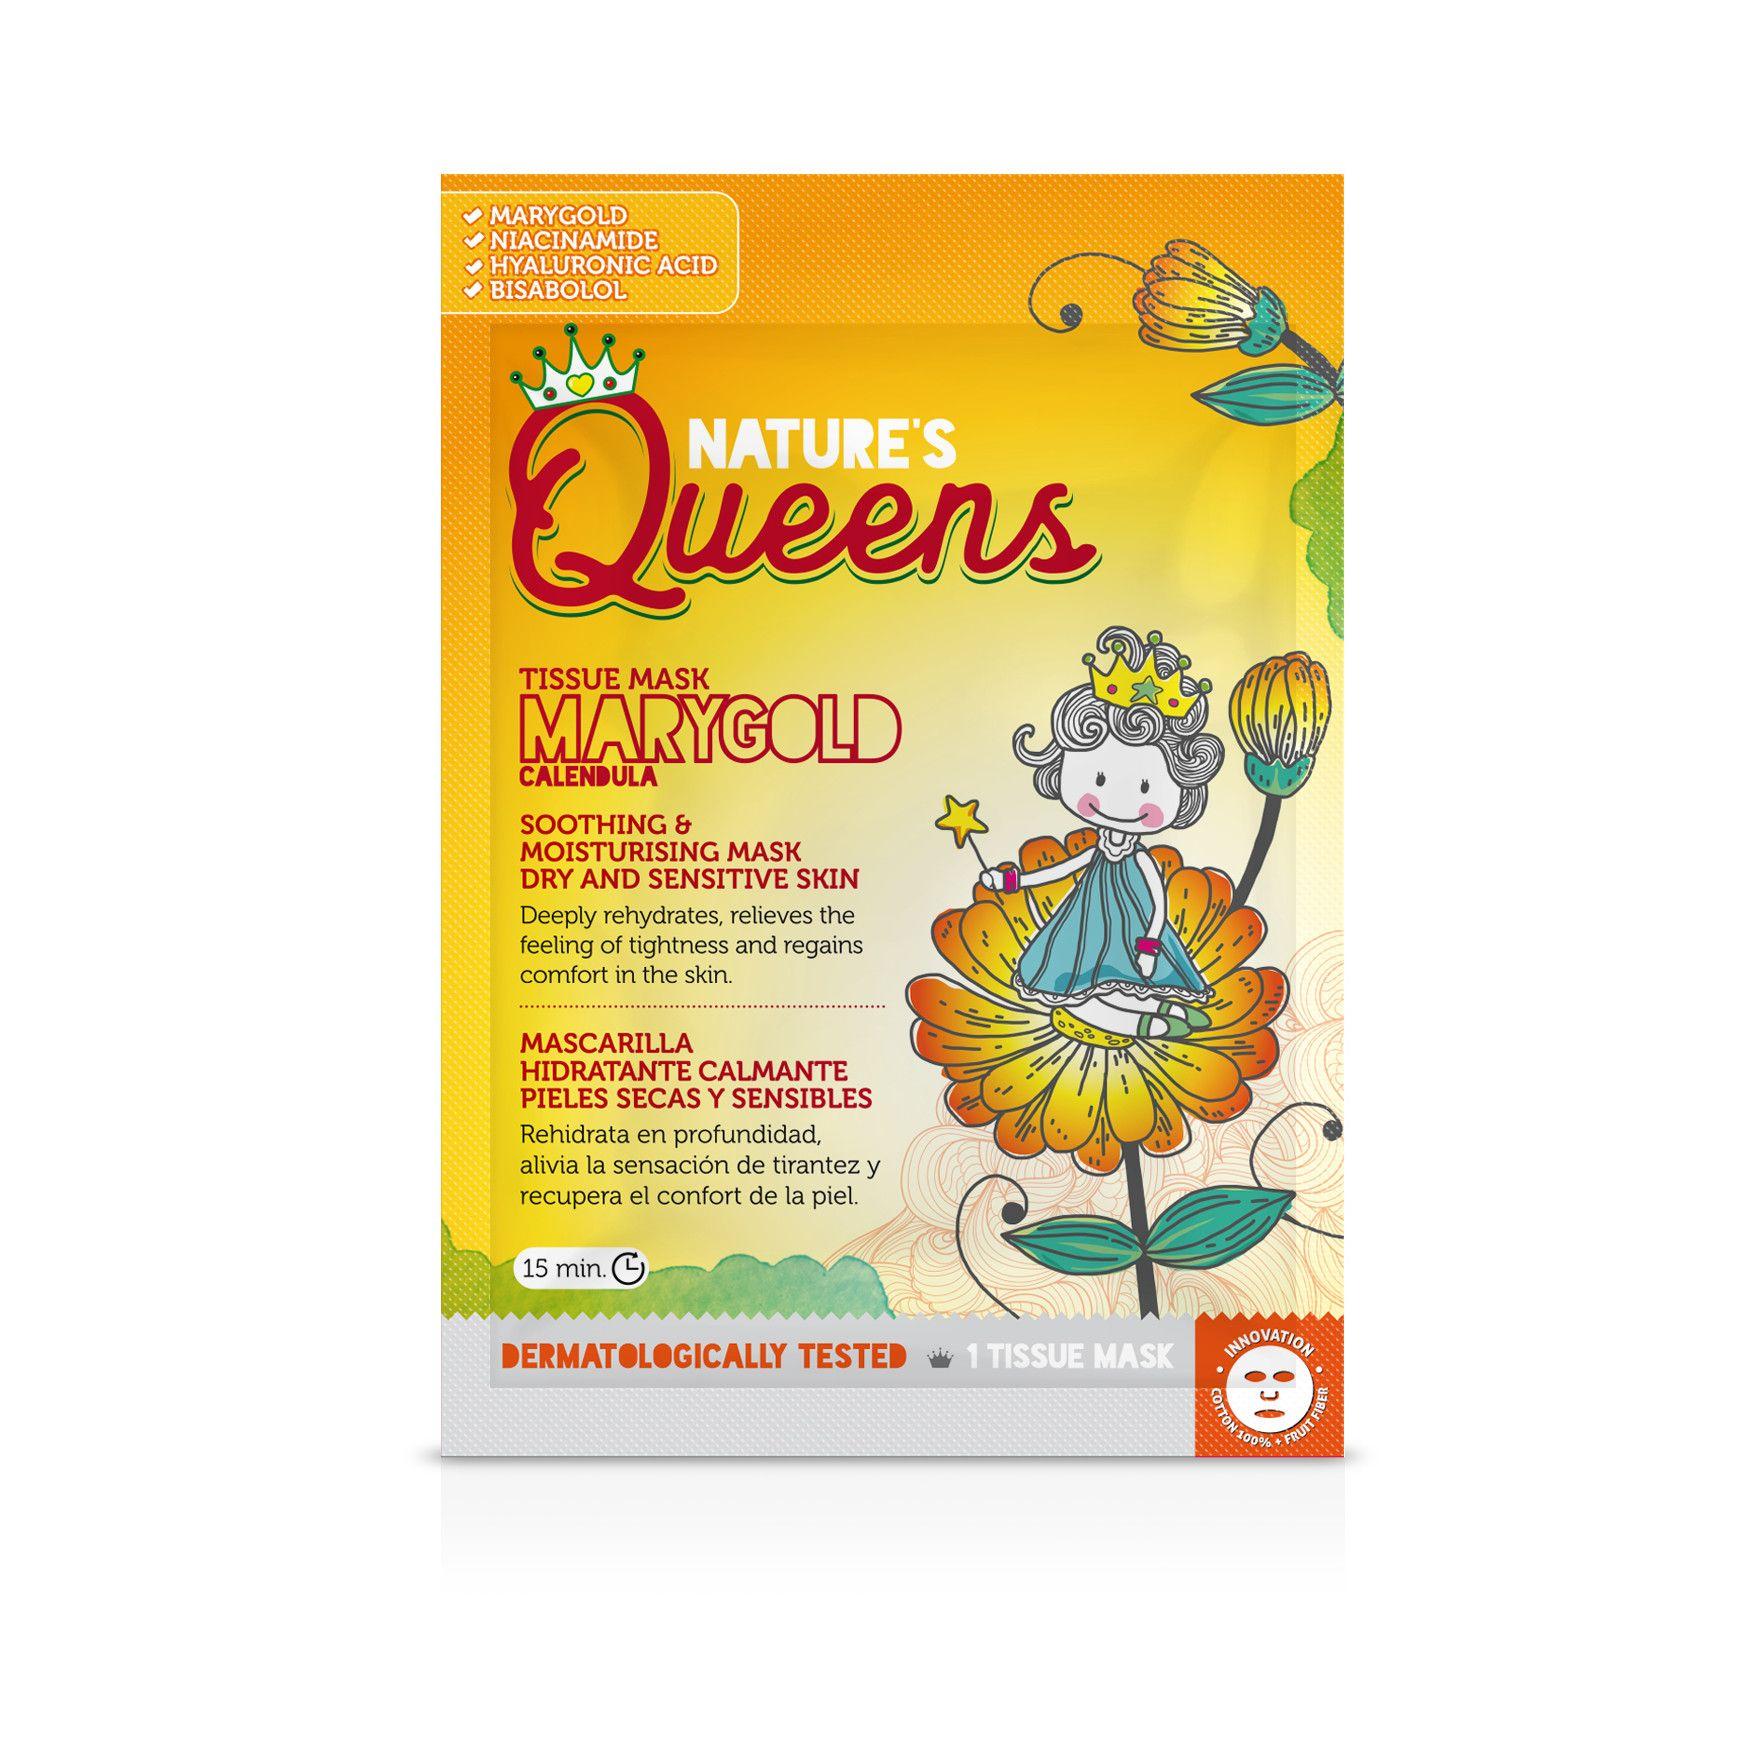 Nature's Queens